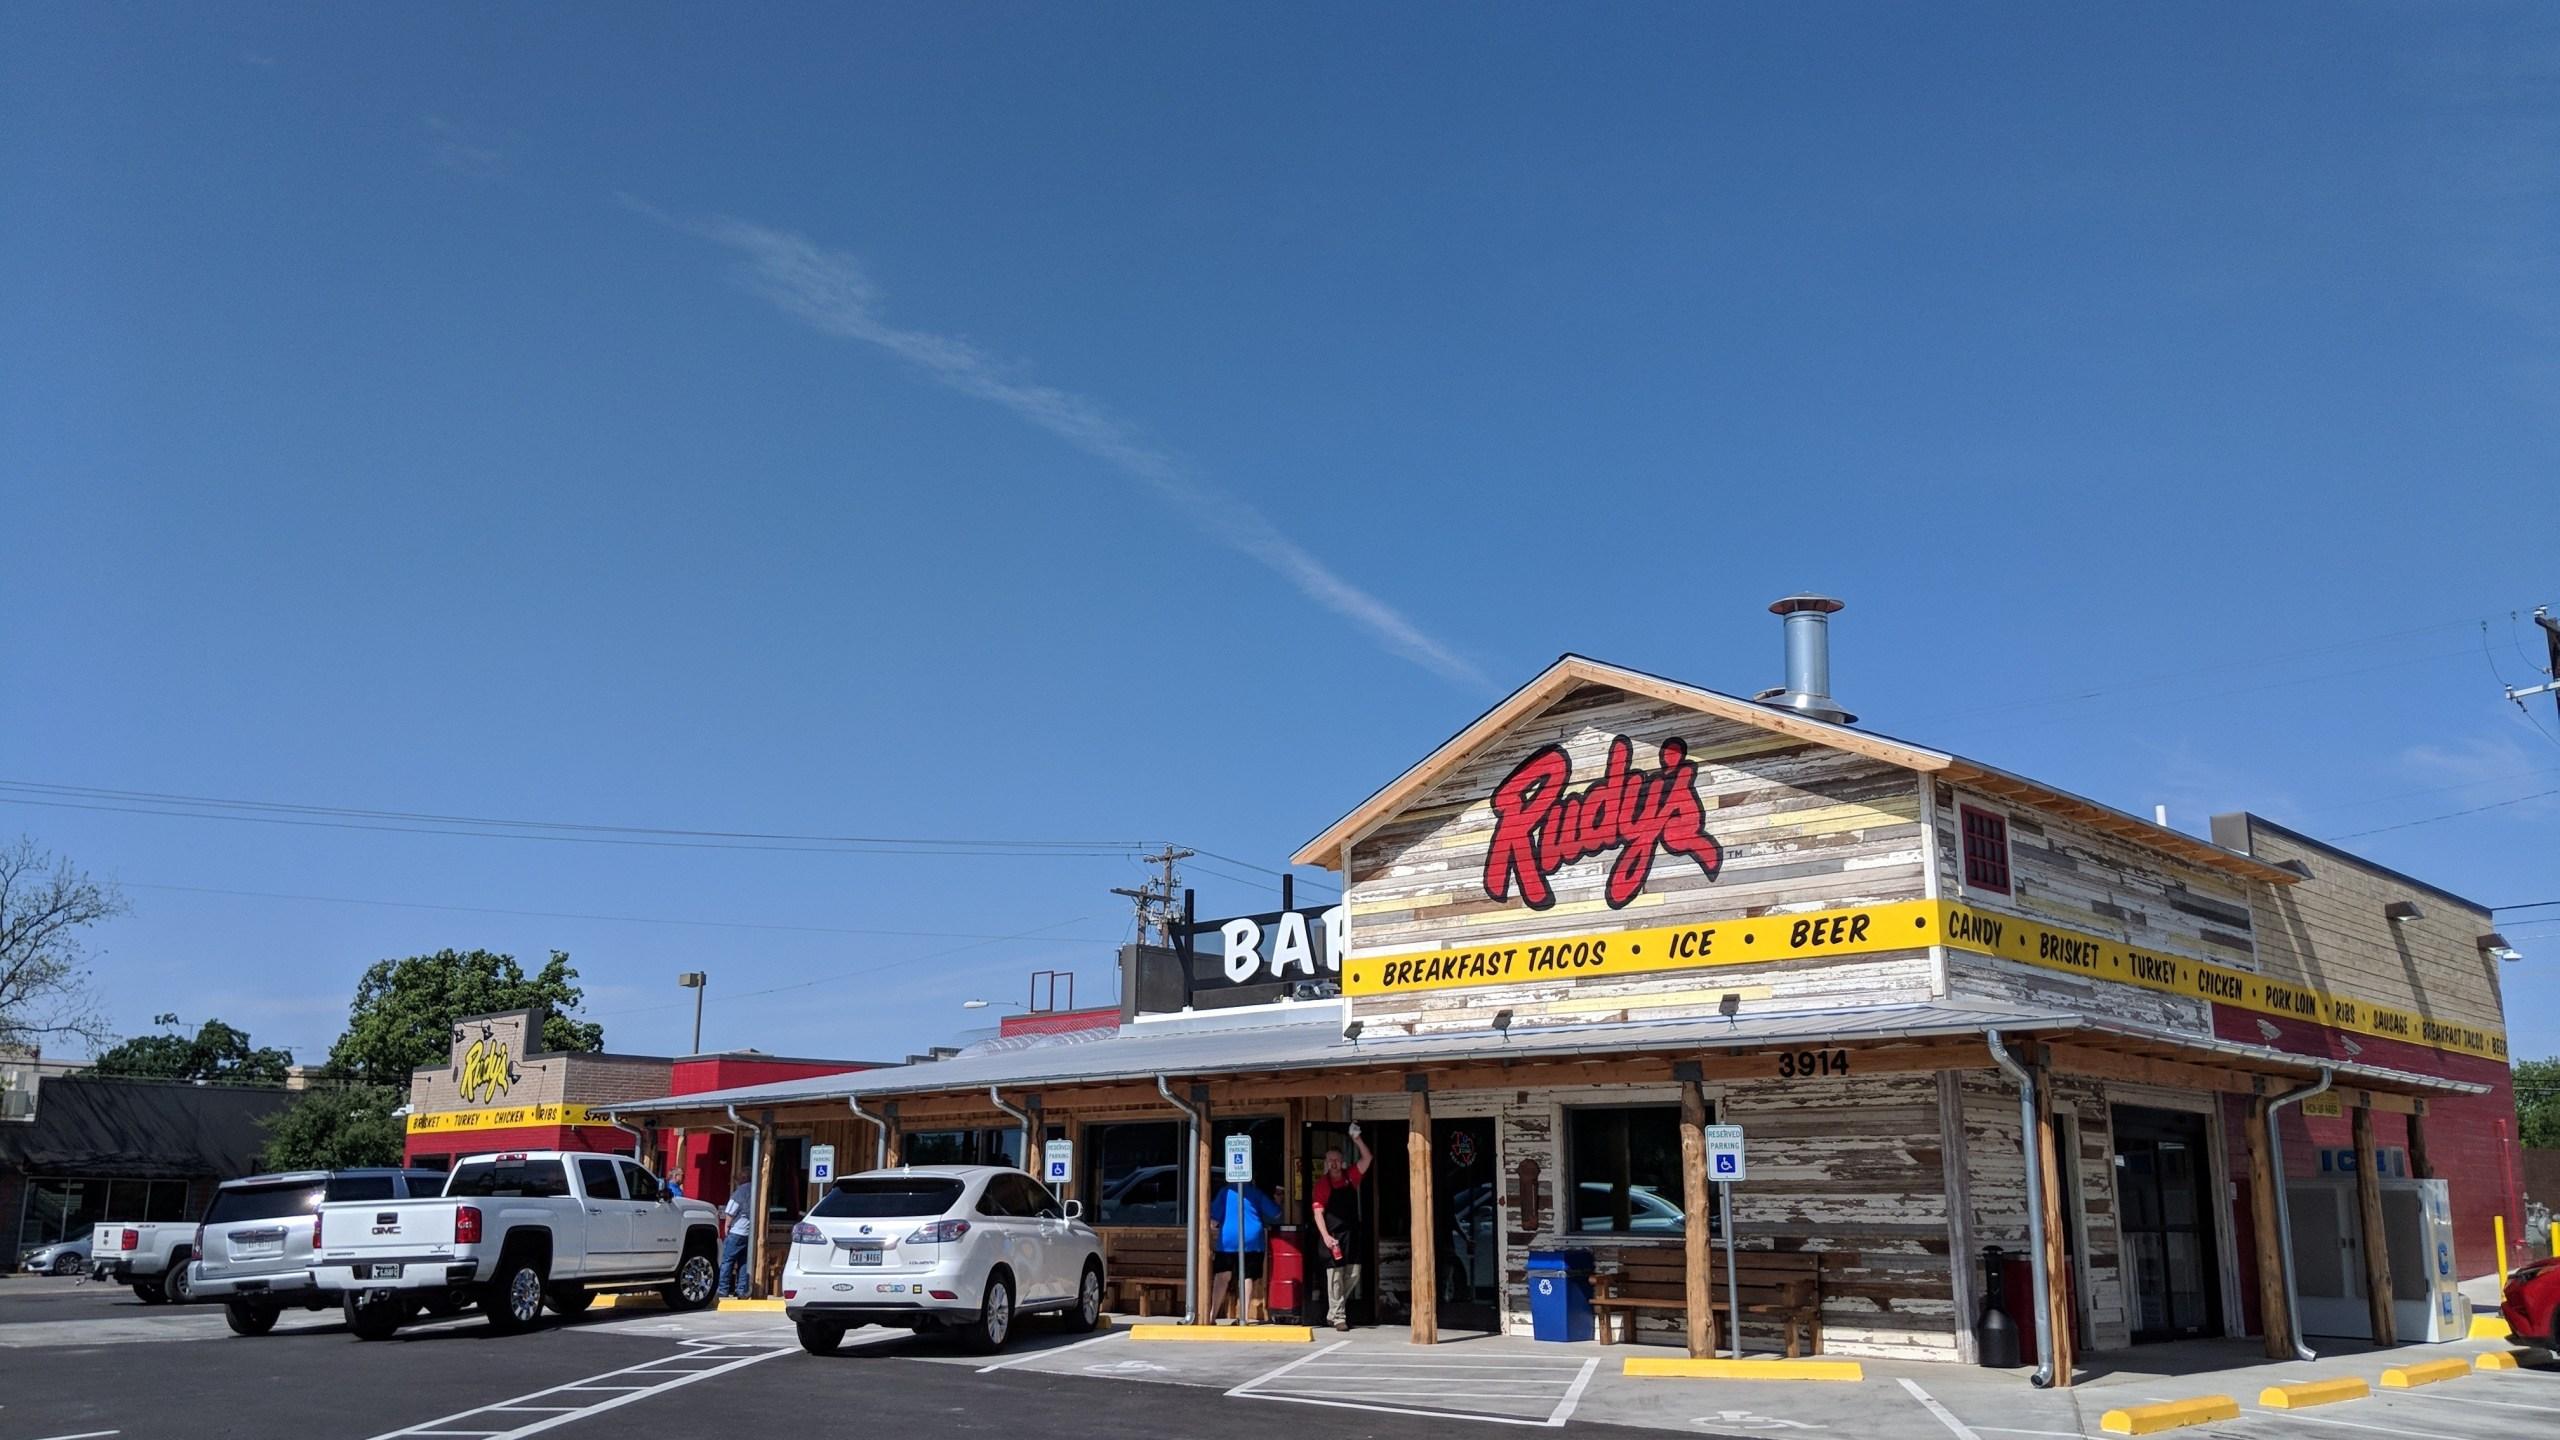 Rudy's Bar-B-Q on North Lamar